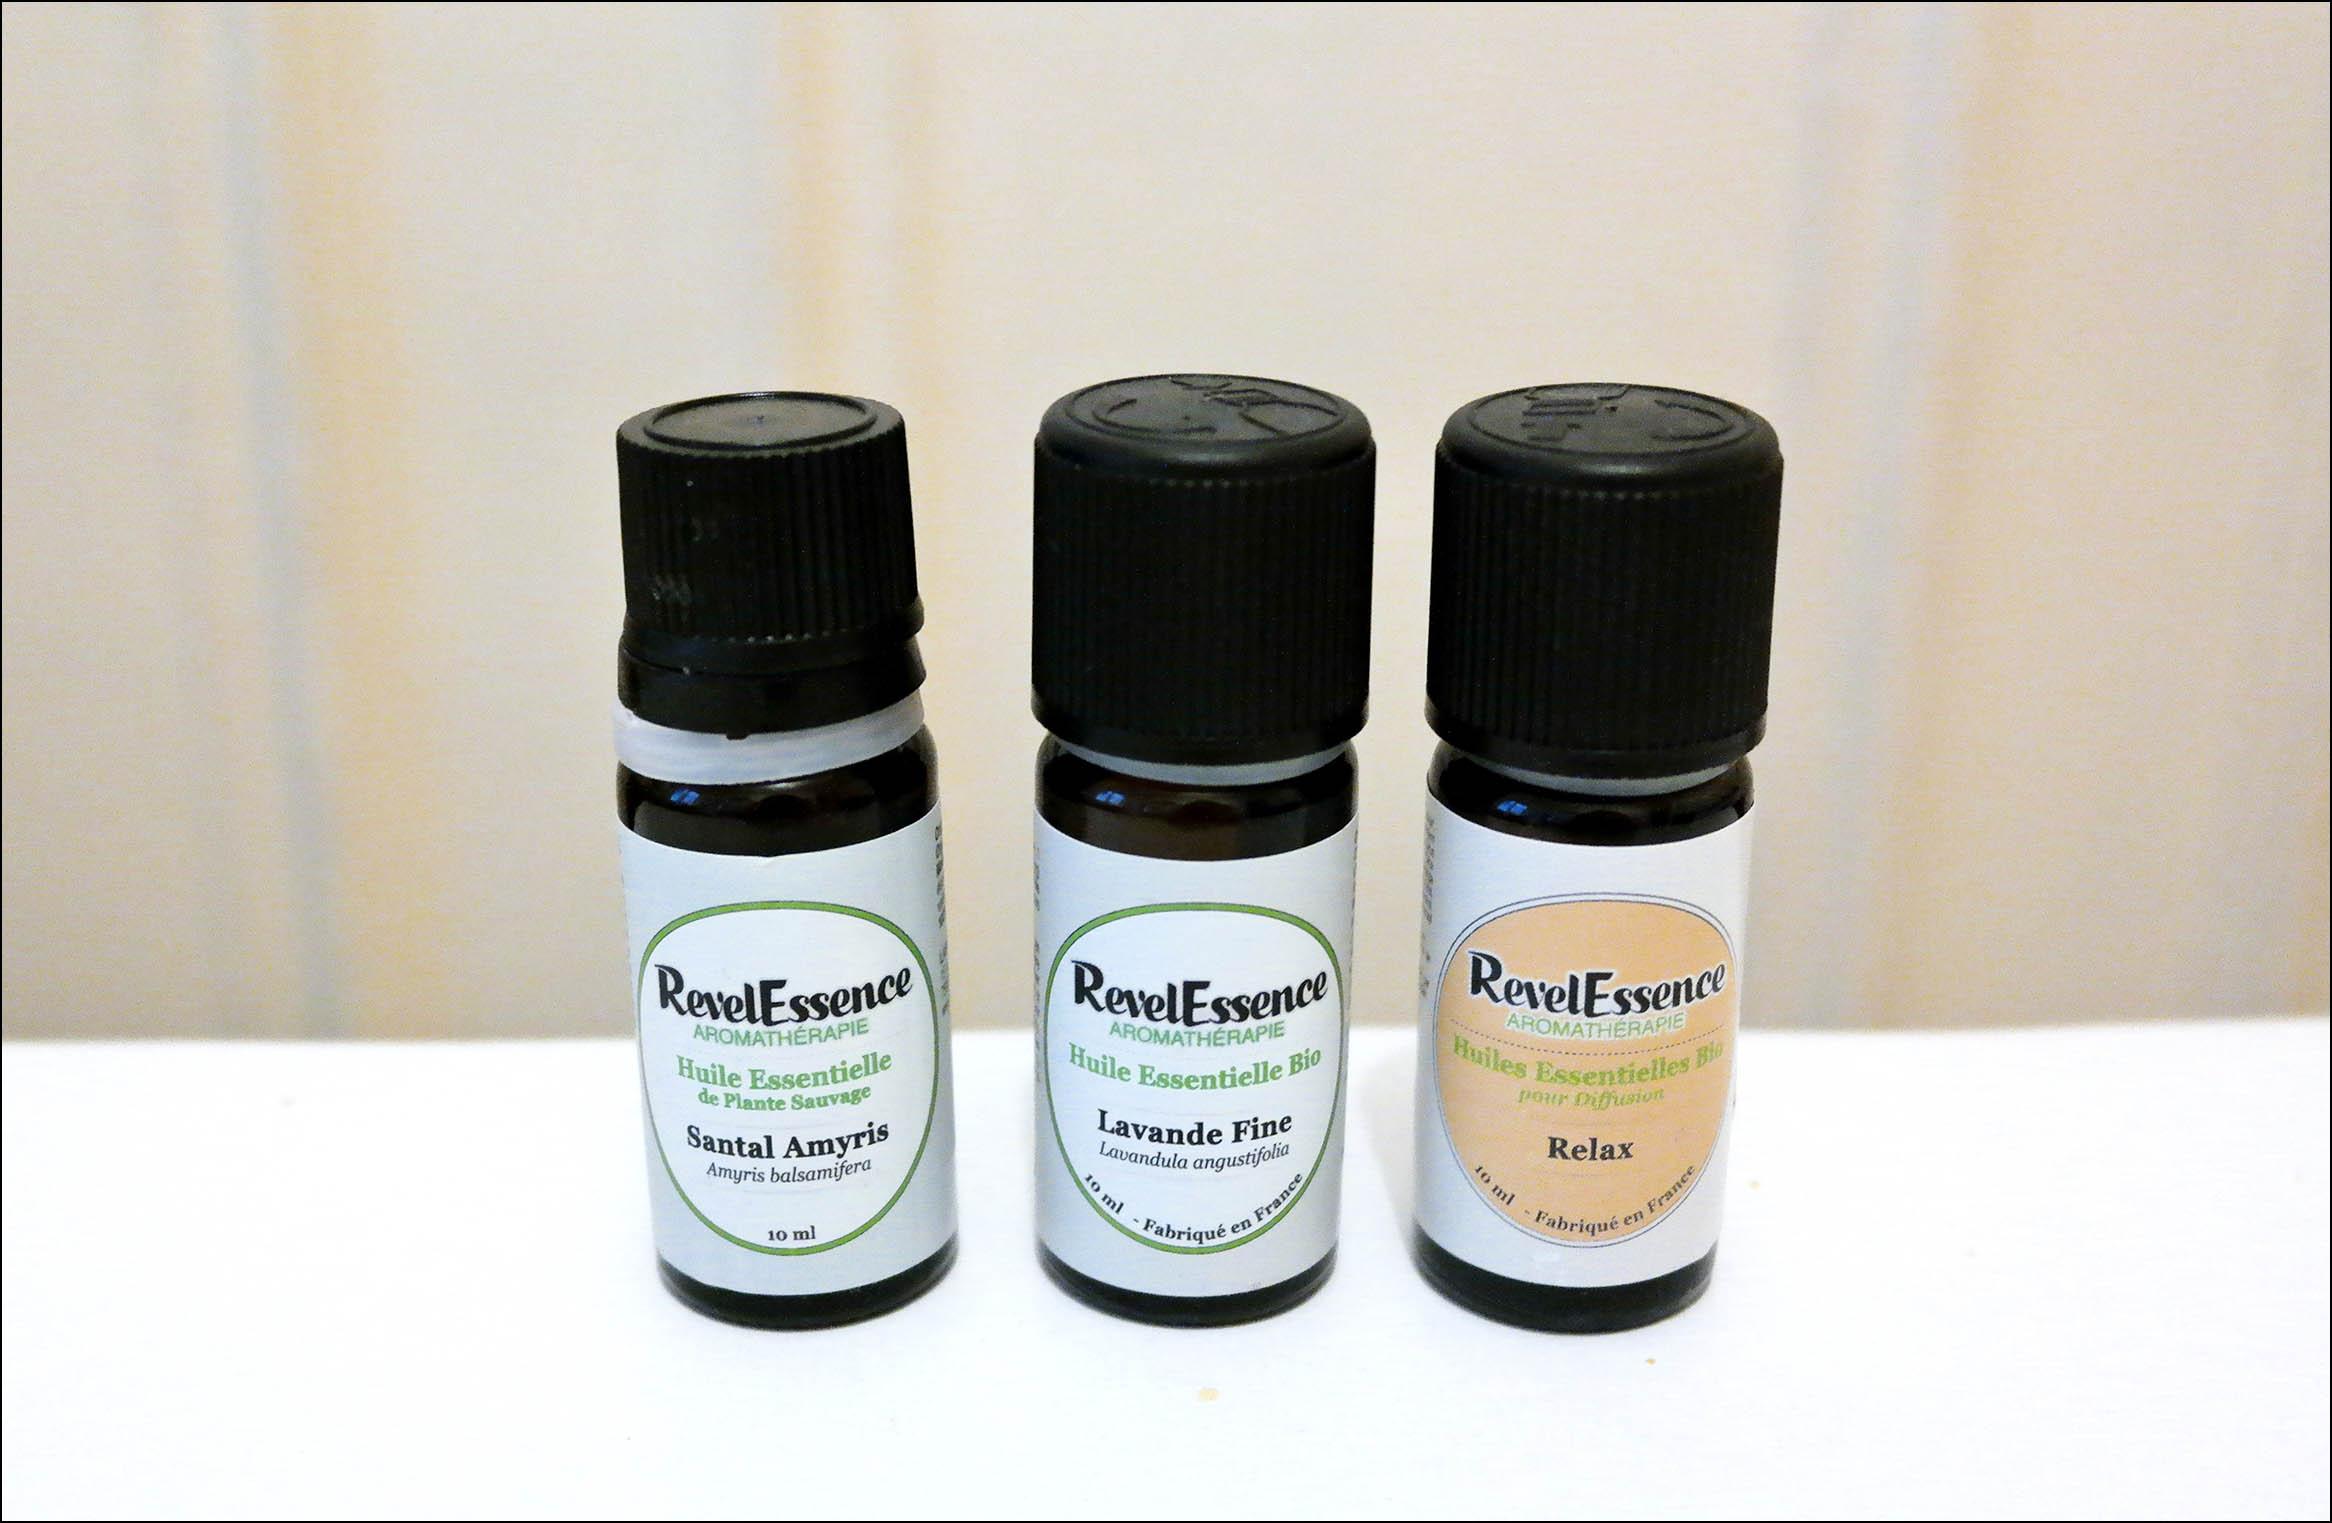 sommeil, aromathérapie, phytothérapie, huiles essentielles